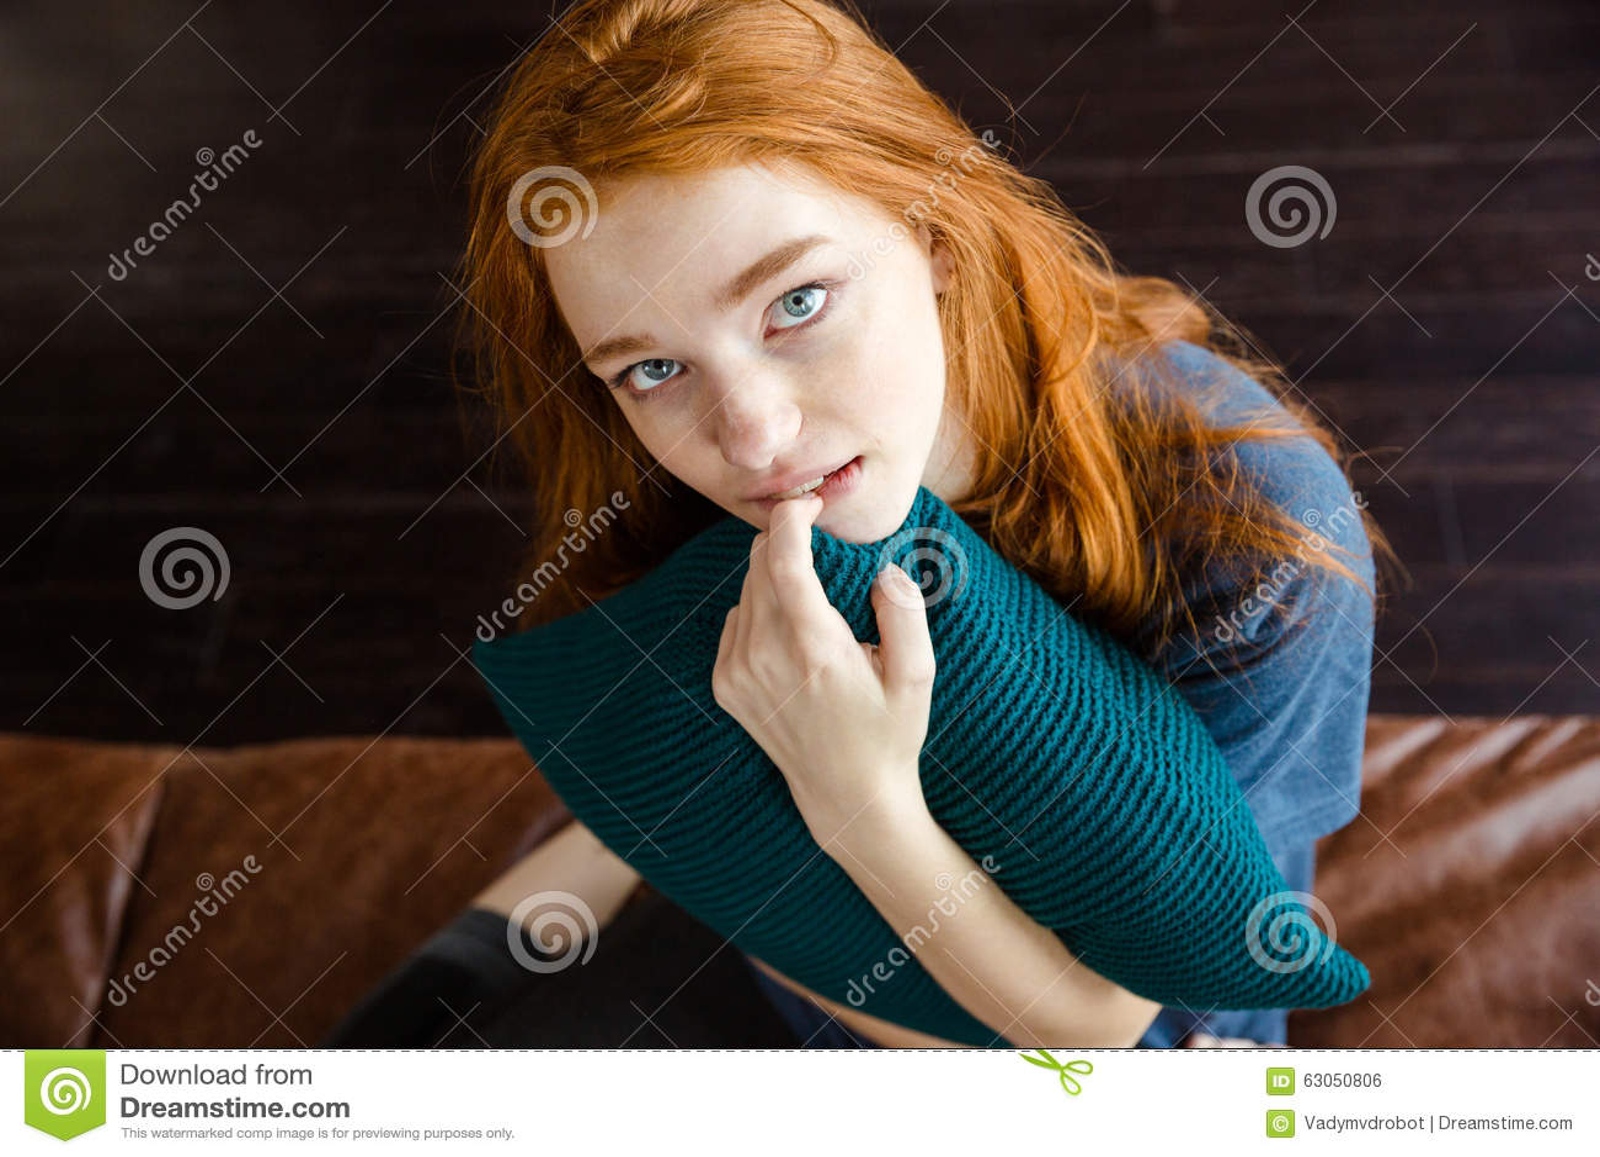 Девушка с верху на камеру фото 666-631